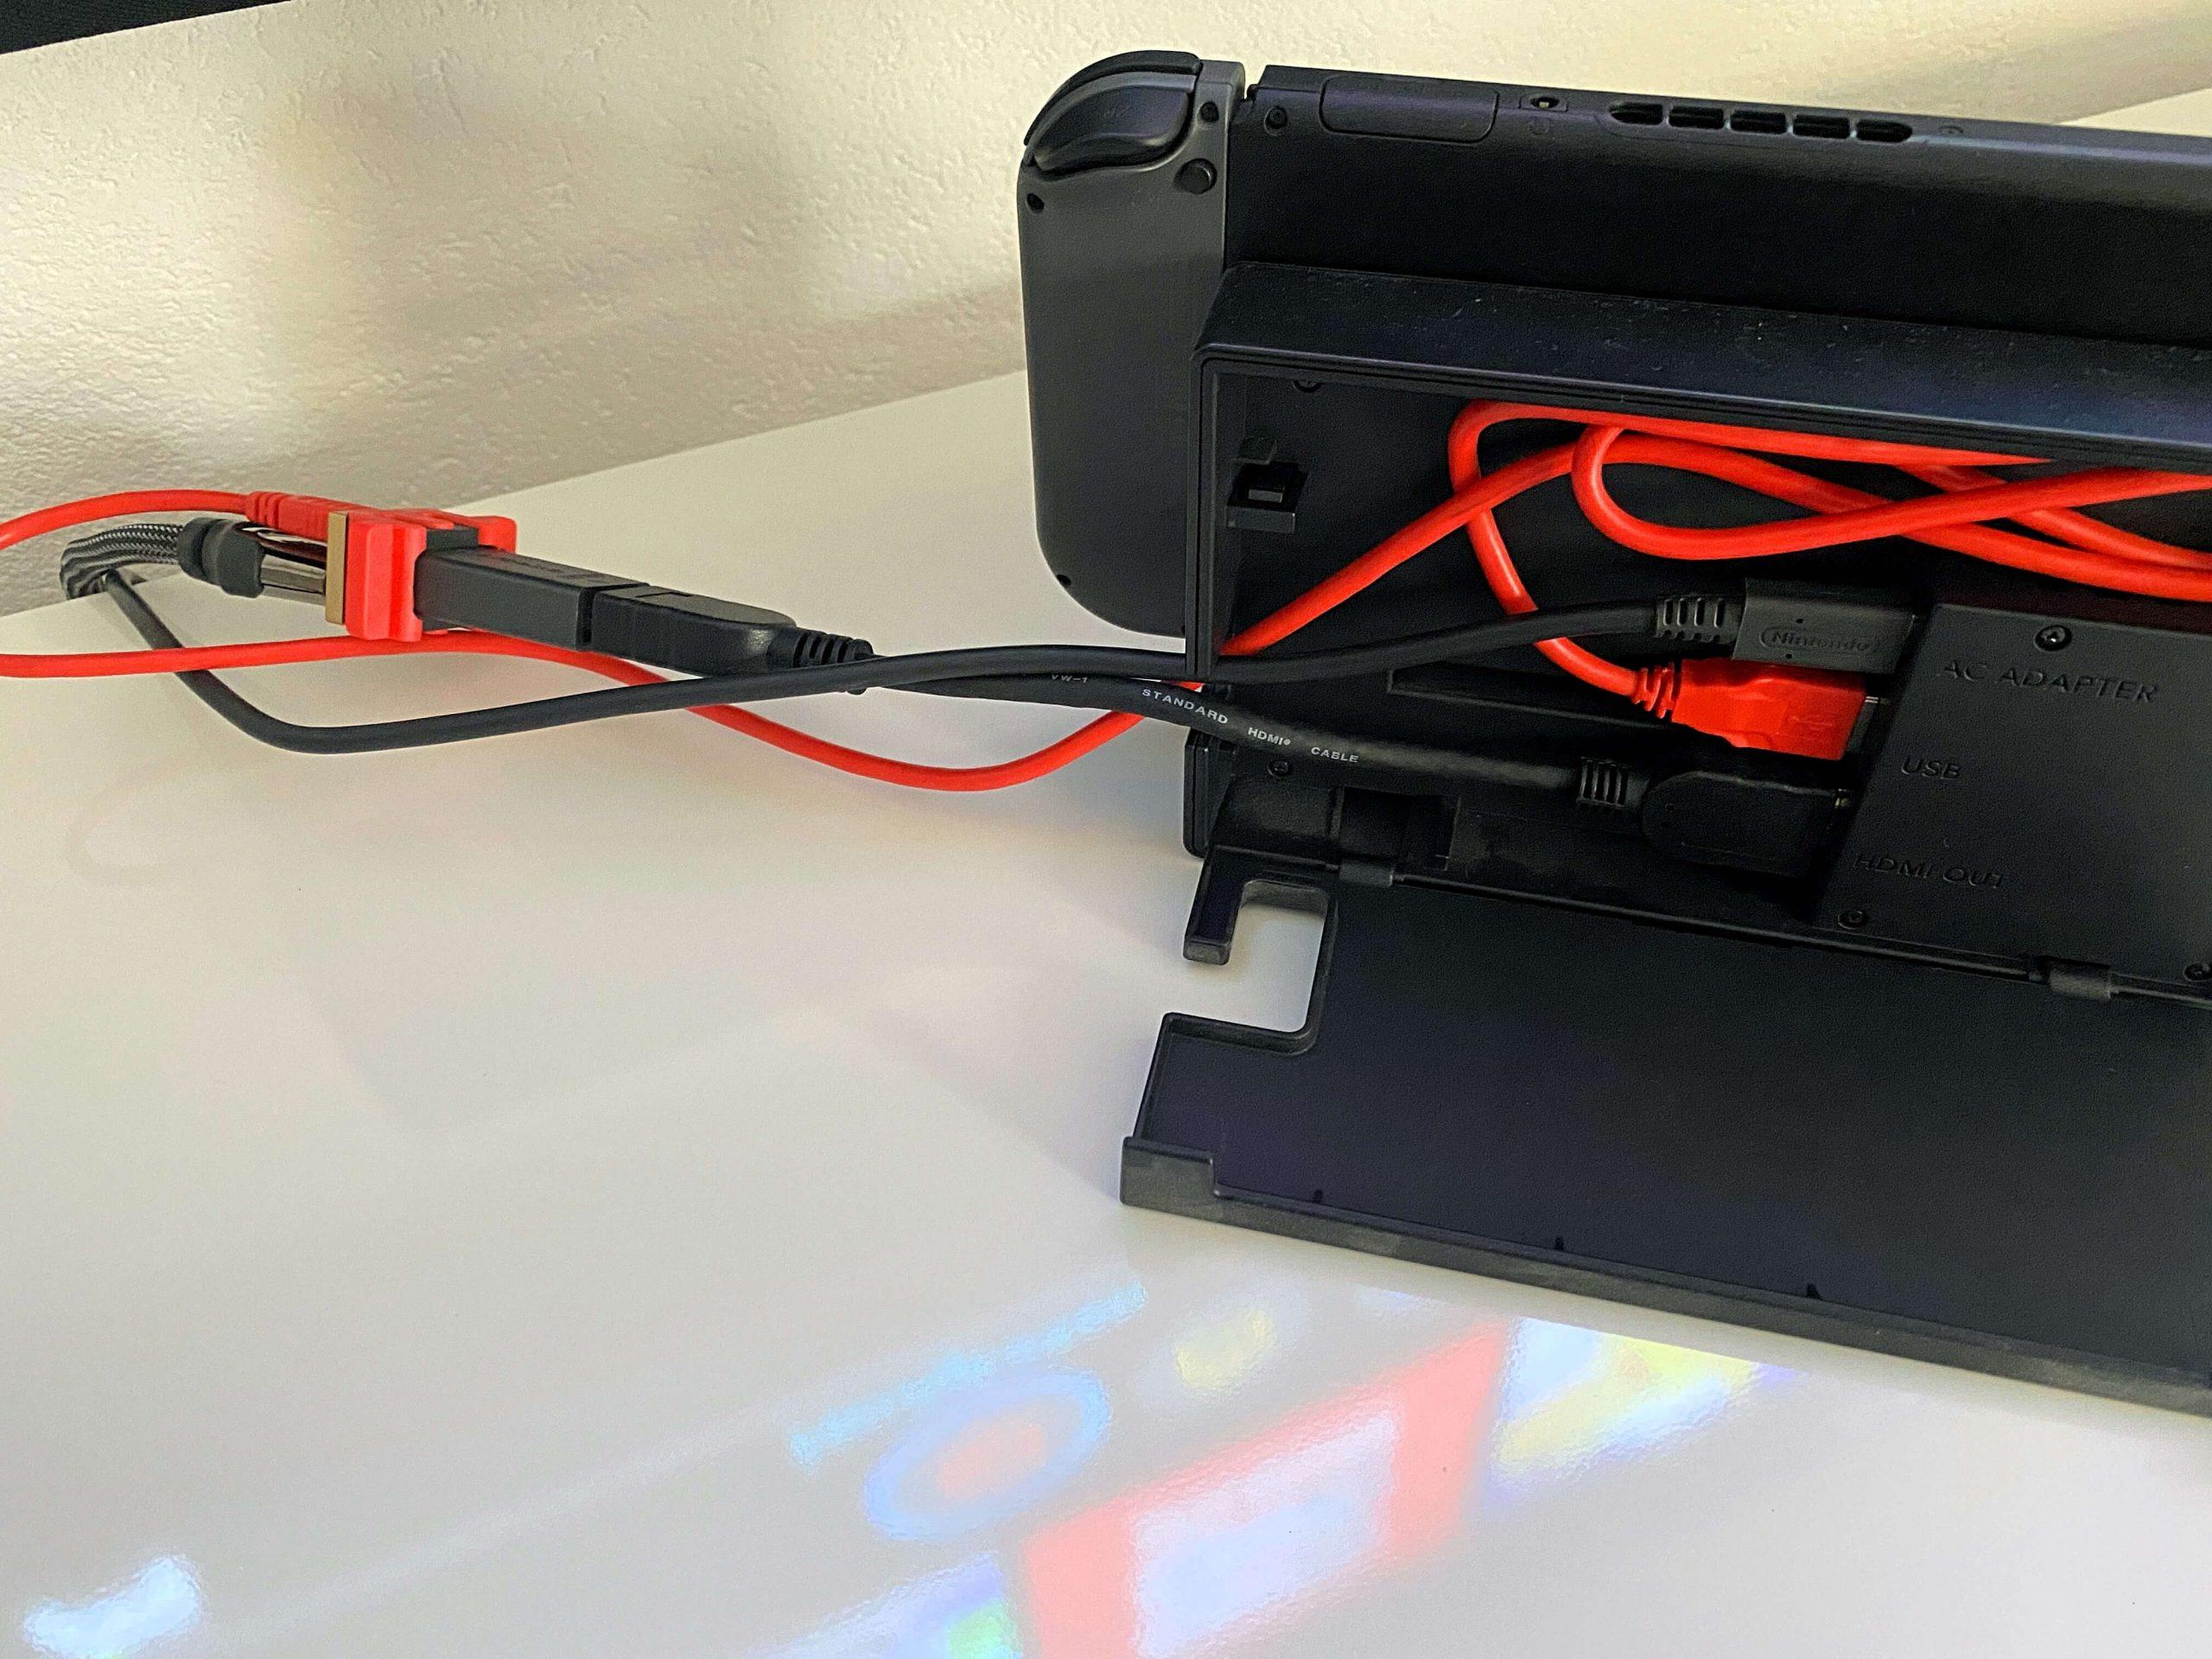 mClassic-HDMI-Upscaler-von-Marseille-mit-der-Nintendo-Switch-in-1440p-zocken2-scaled mClassic von Marseille - mit der Nintendo Switch in 1440p statt 1080p zocken